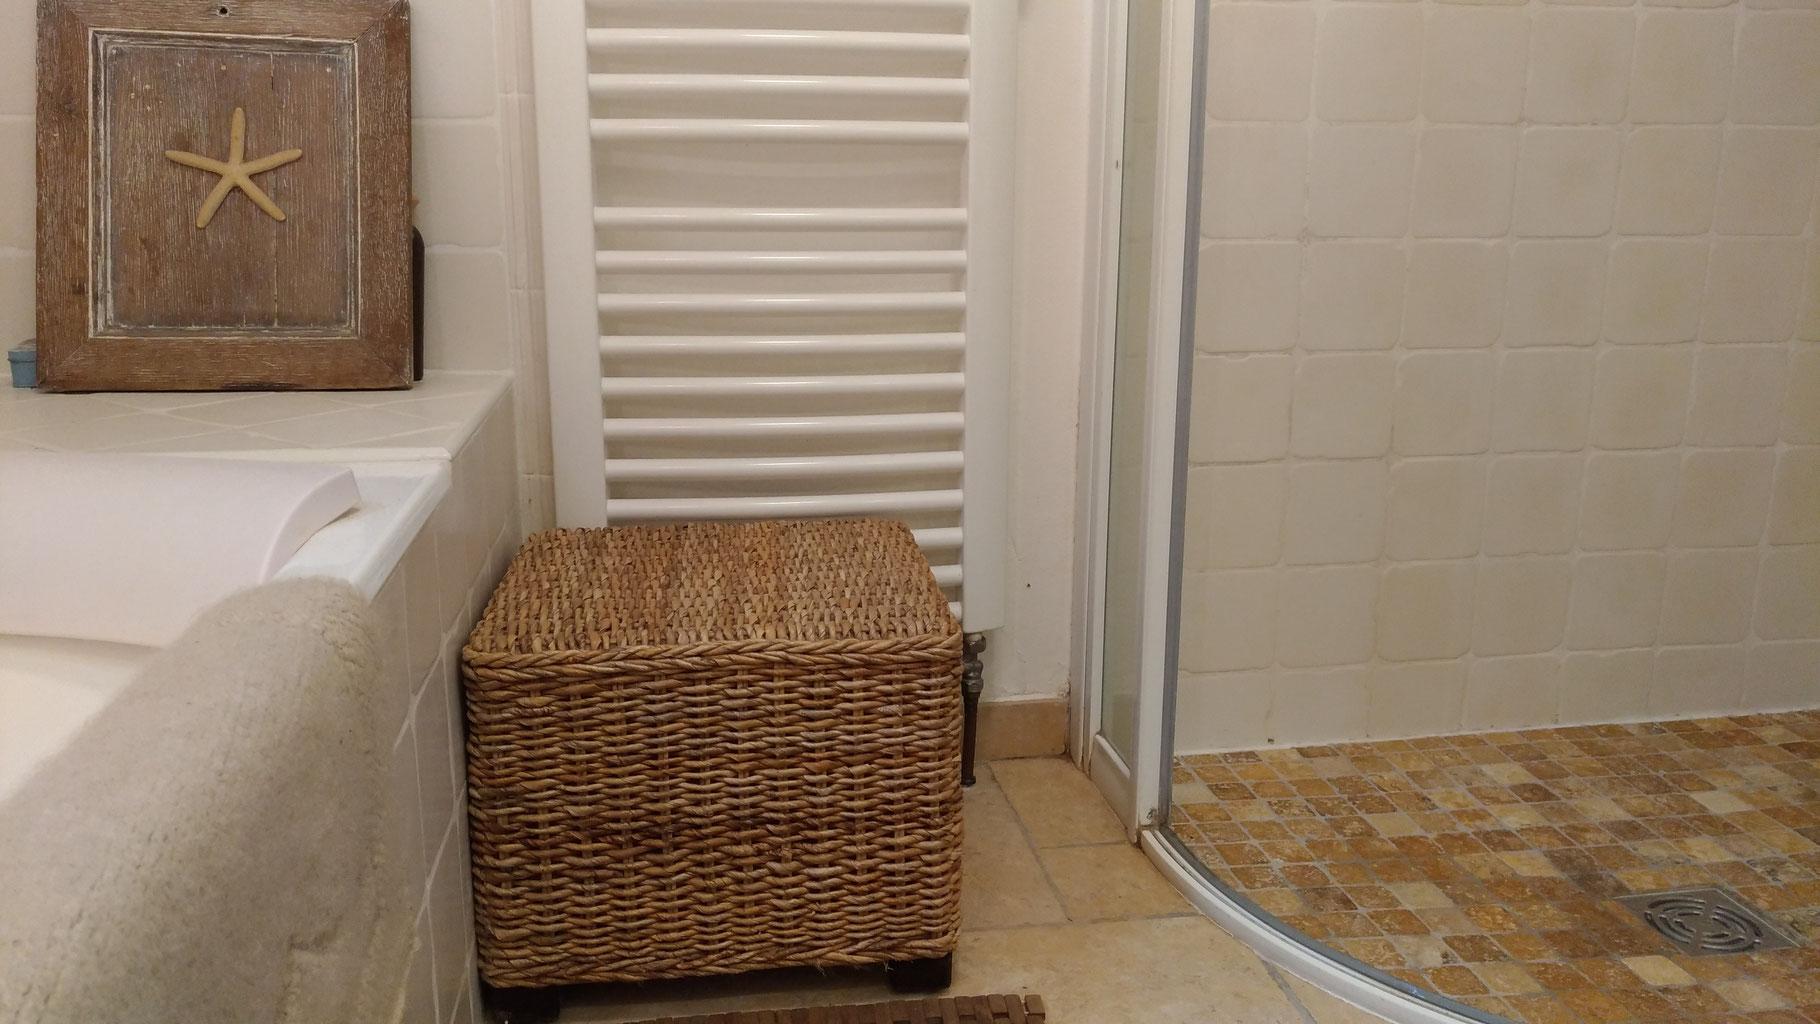 salle de bain - isabelle vionnet - architecte d'intérieur ufdi - Meuble Salle De Bain Fer Forge